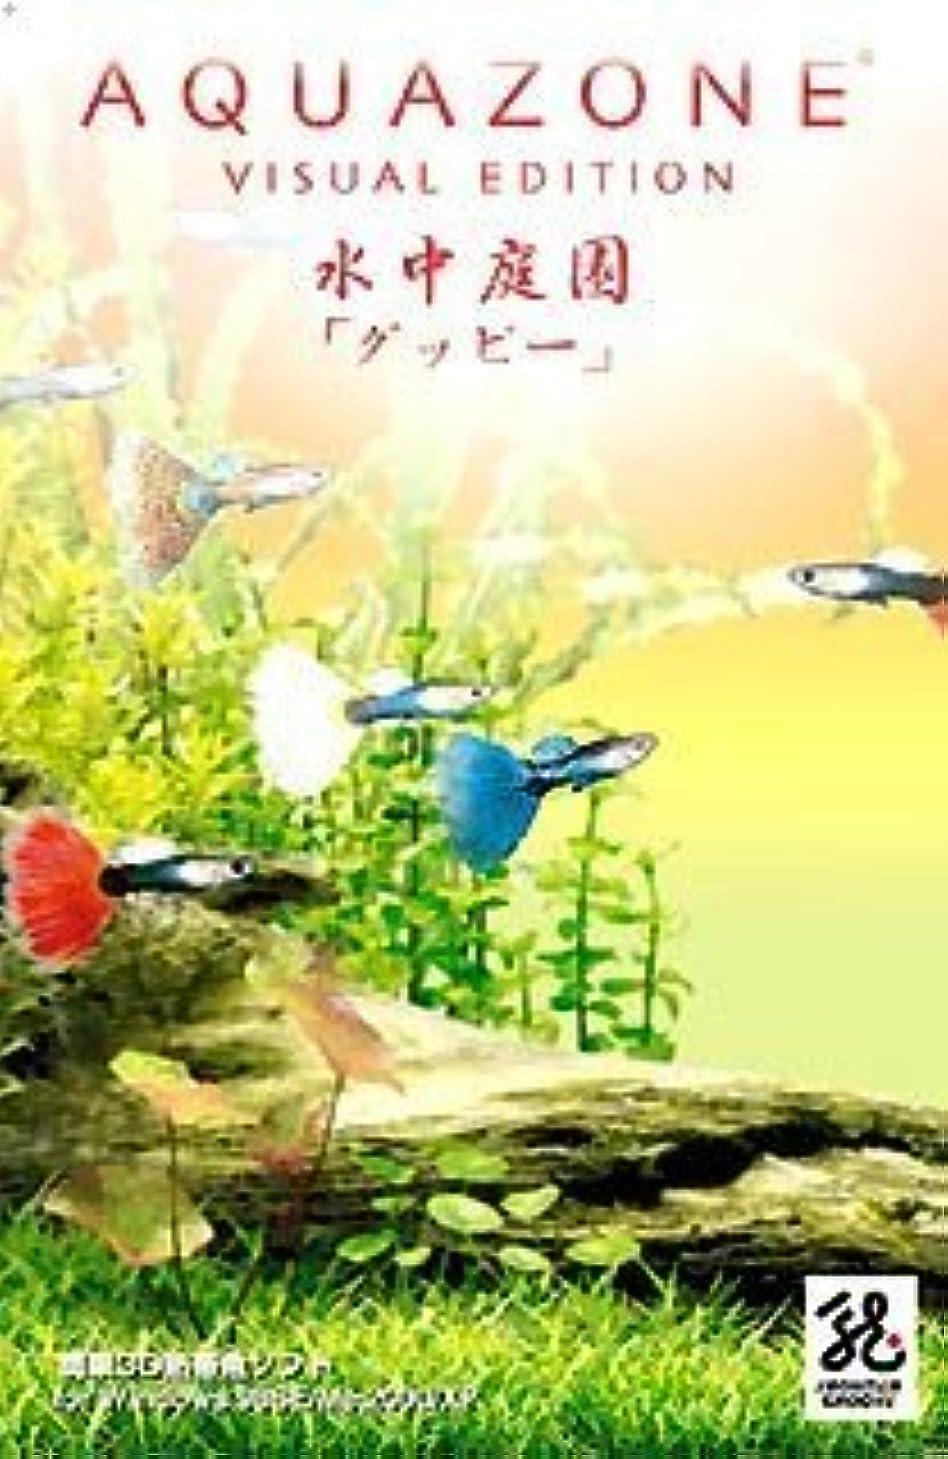 ダッシュカウントアップ資産Aquazone Visual Edition 水中庭園 2 「グッピー」新パッケージ版